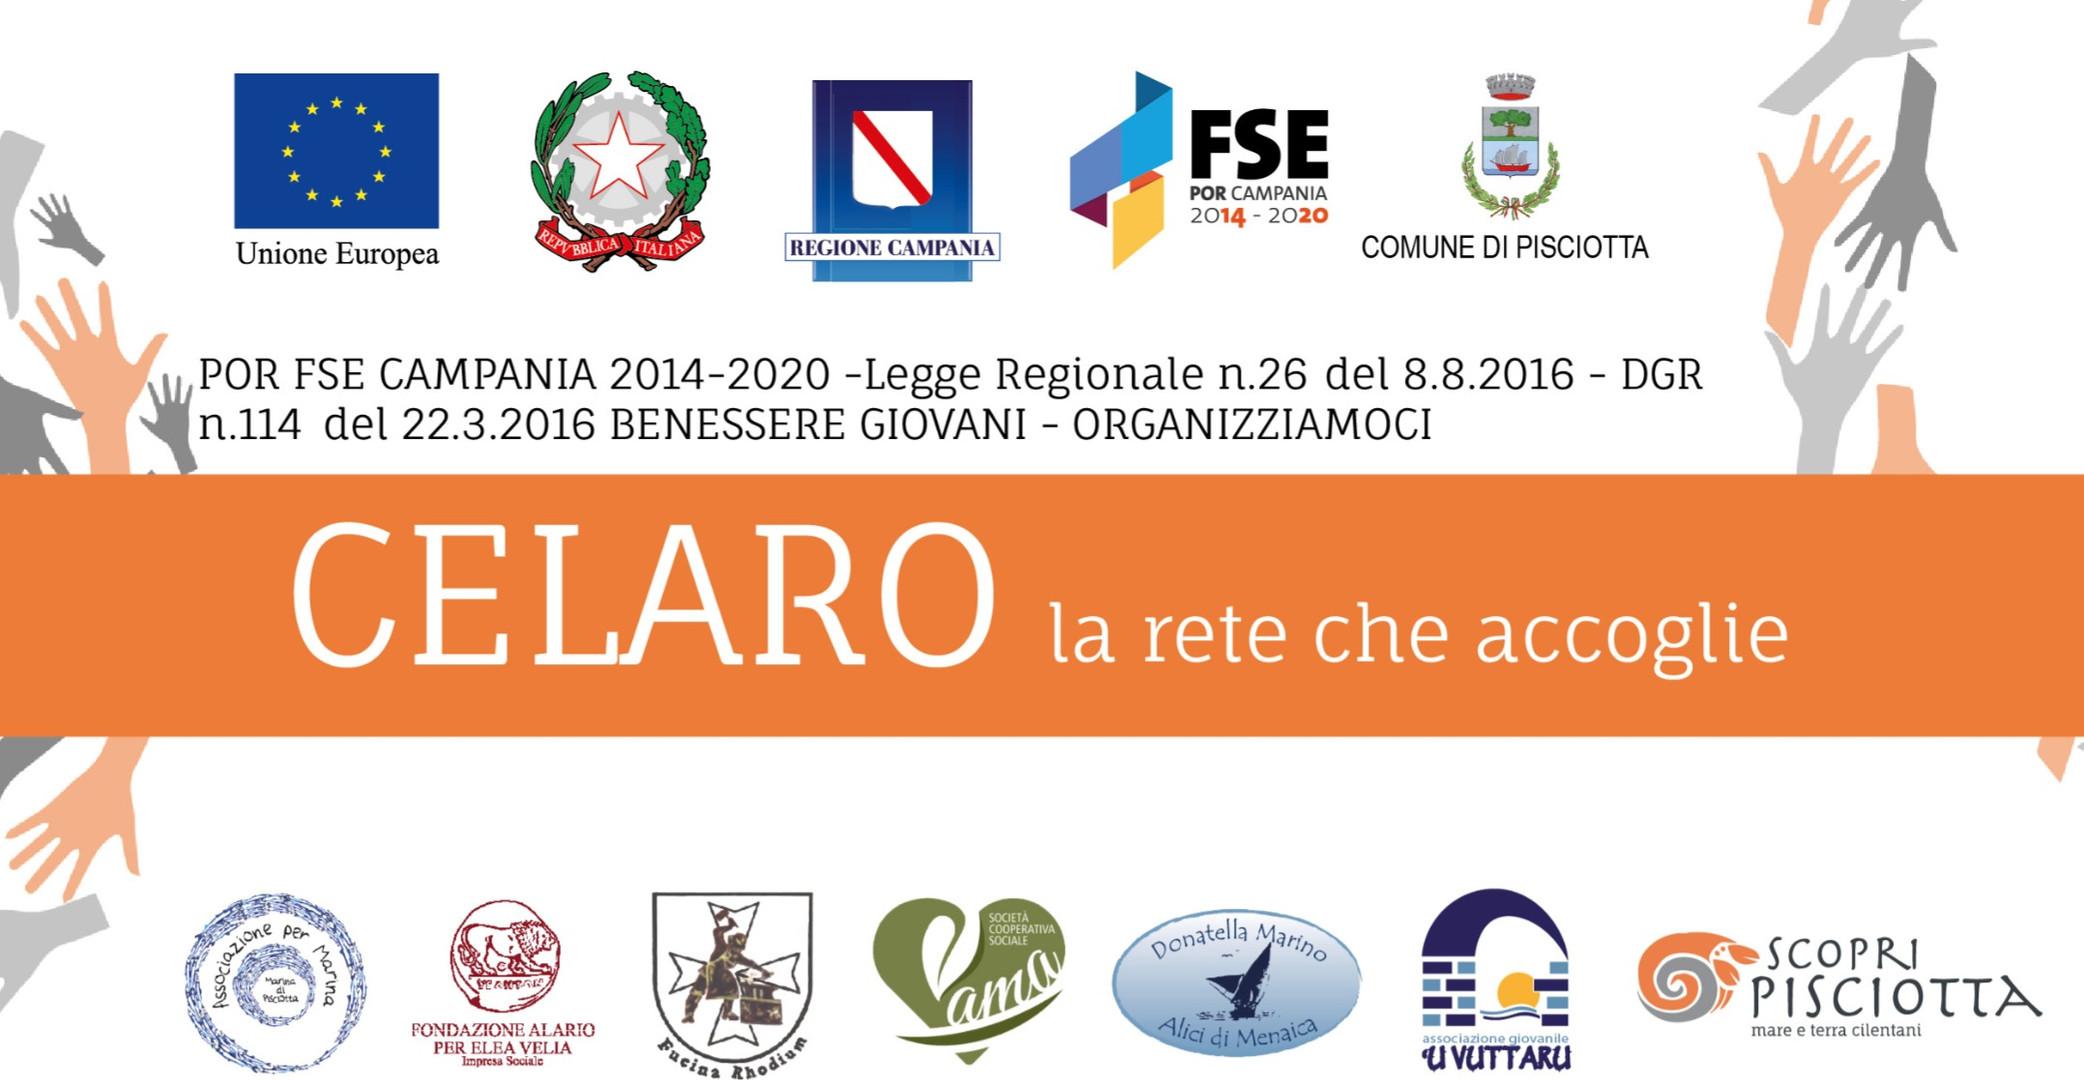 """Benessere Giovani Pisciotta: prorogati i termini per partecipare al progetto """"Celaro"""" 6 Mar 2019"""